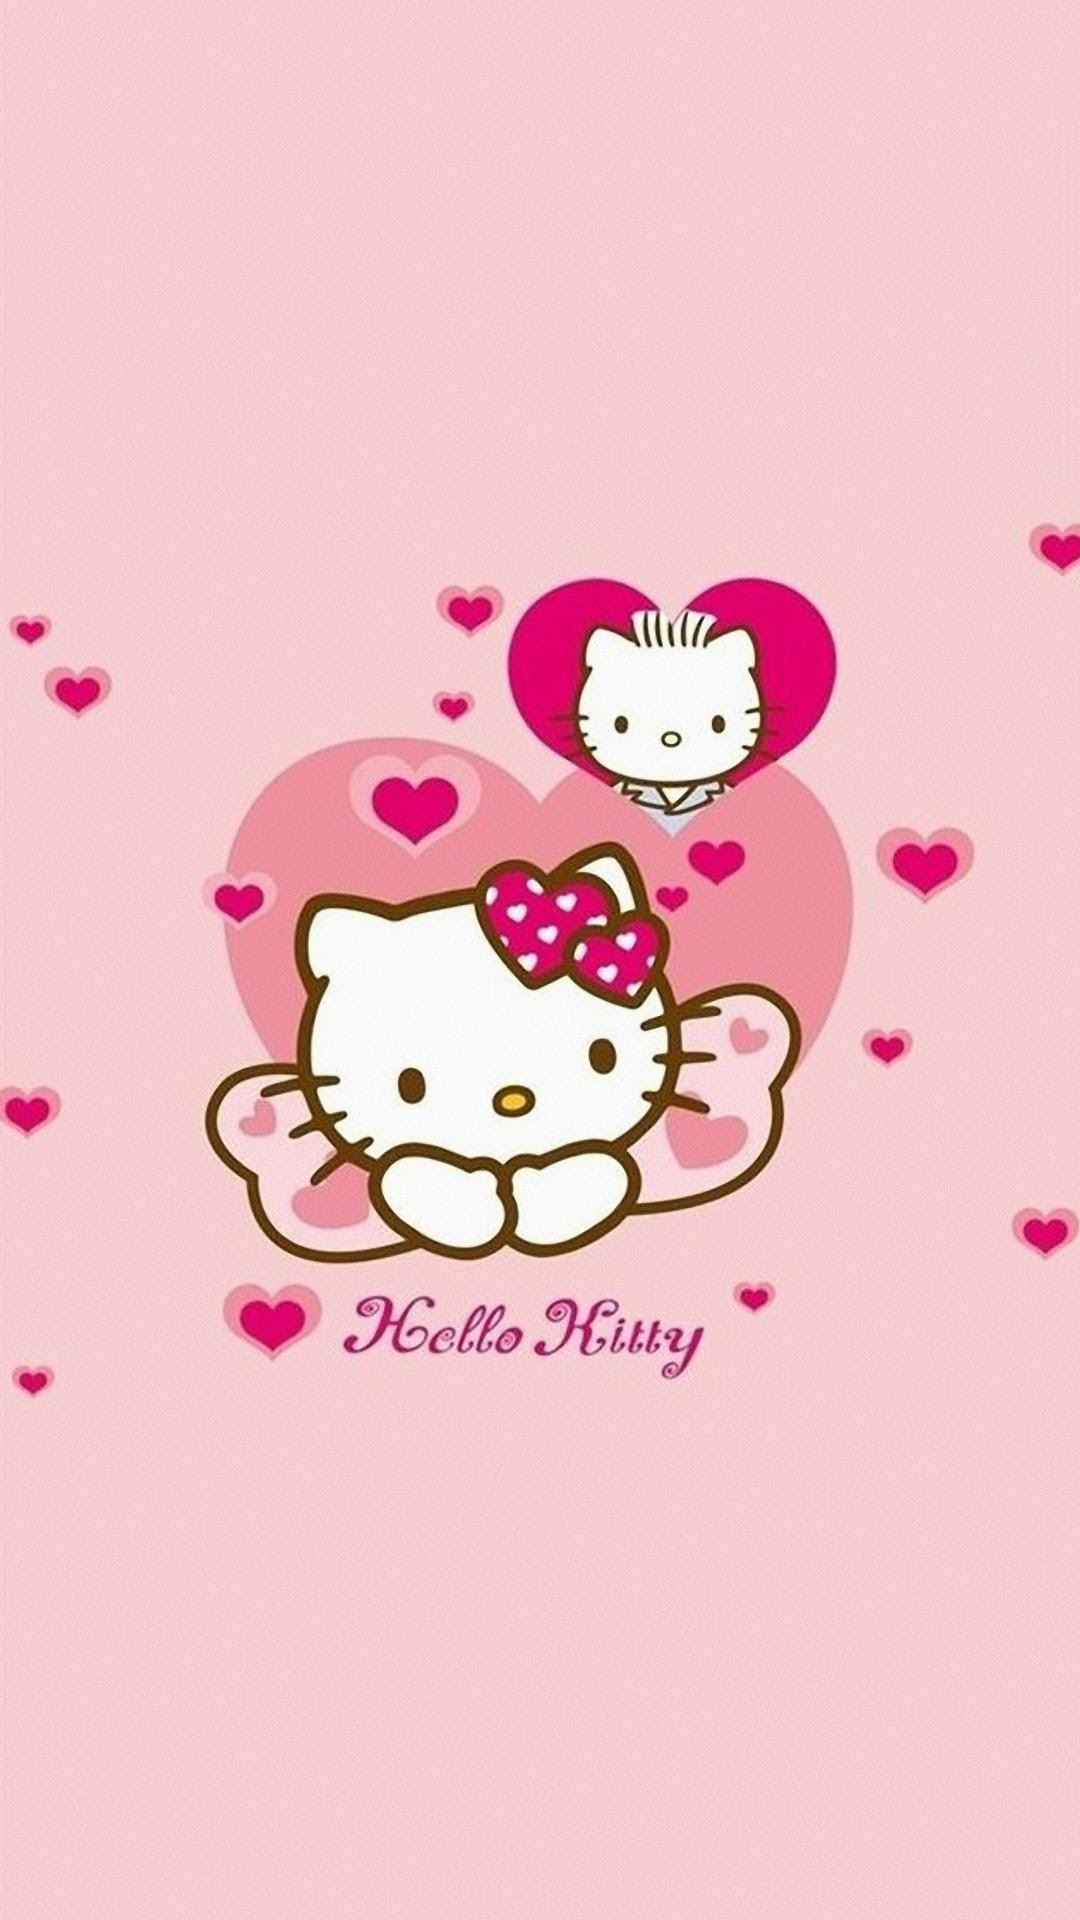 8700 Koleksi Wallpaper Hp Hello Kitty Pink Gratis Terbaik